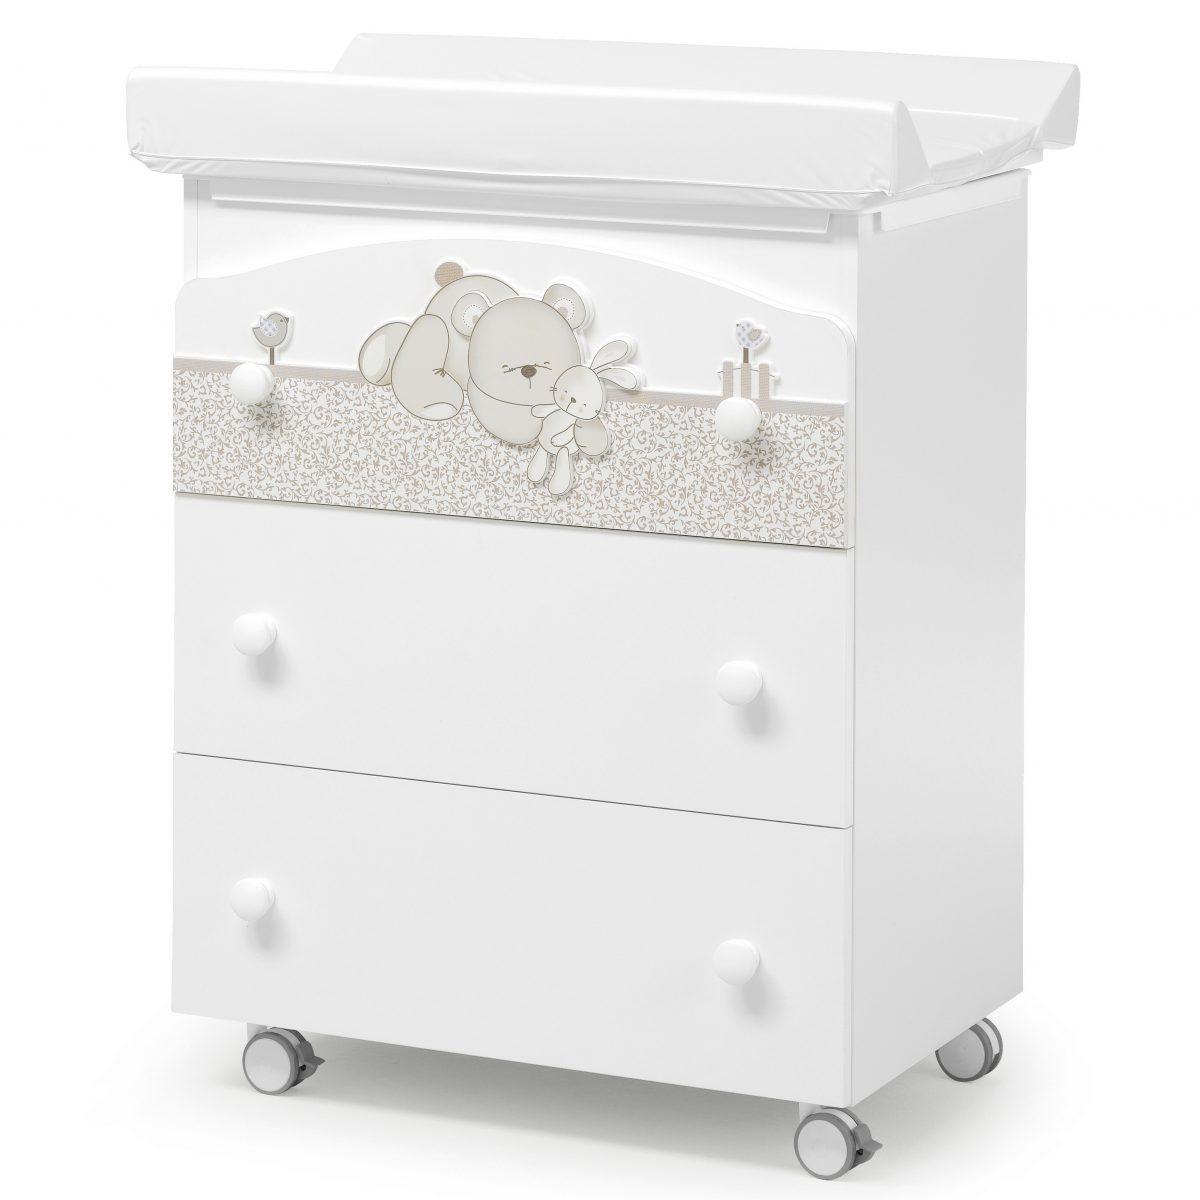 luxusní dětský nábytek - přebalovací pult 3v1 Birba